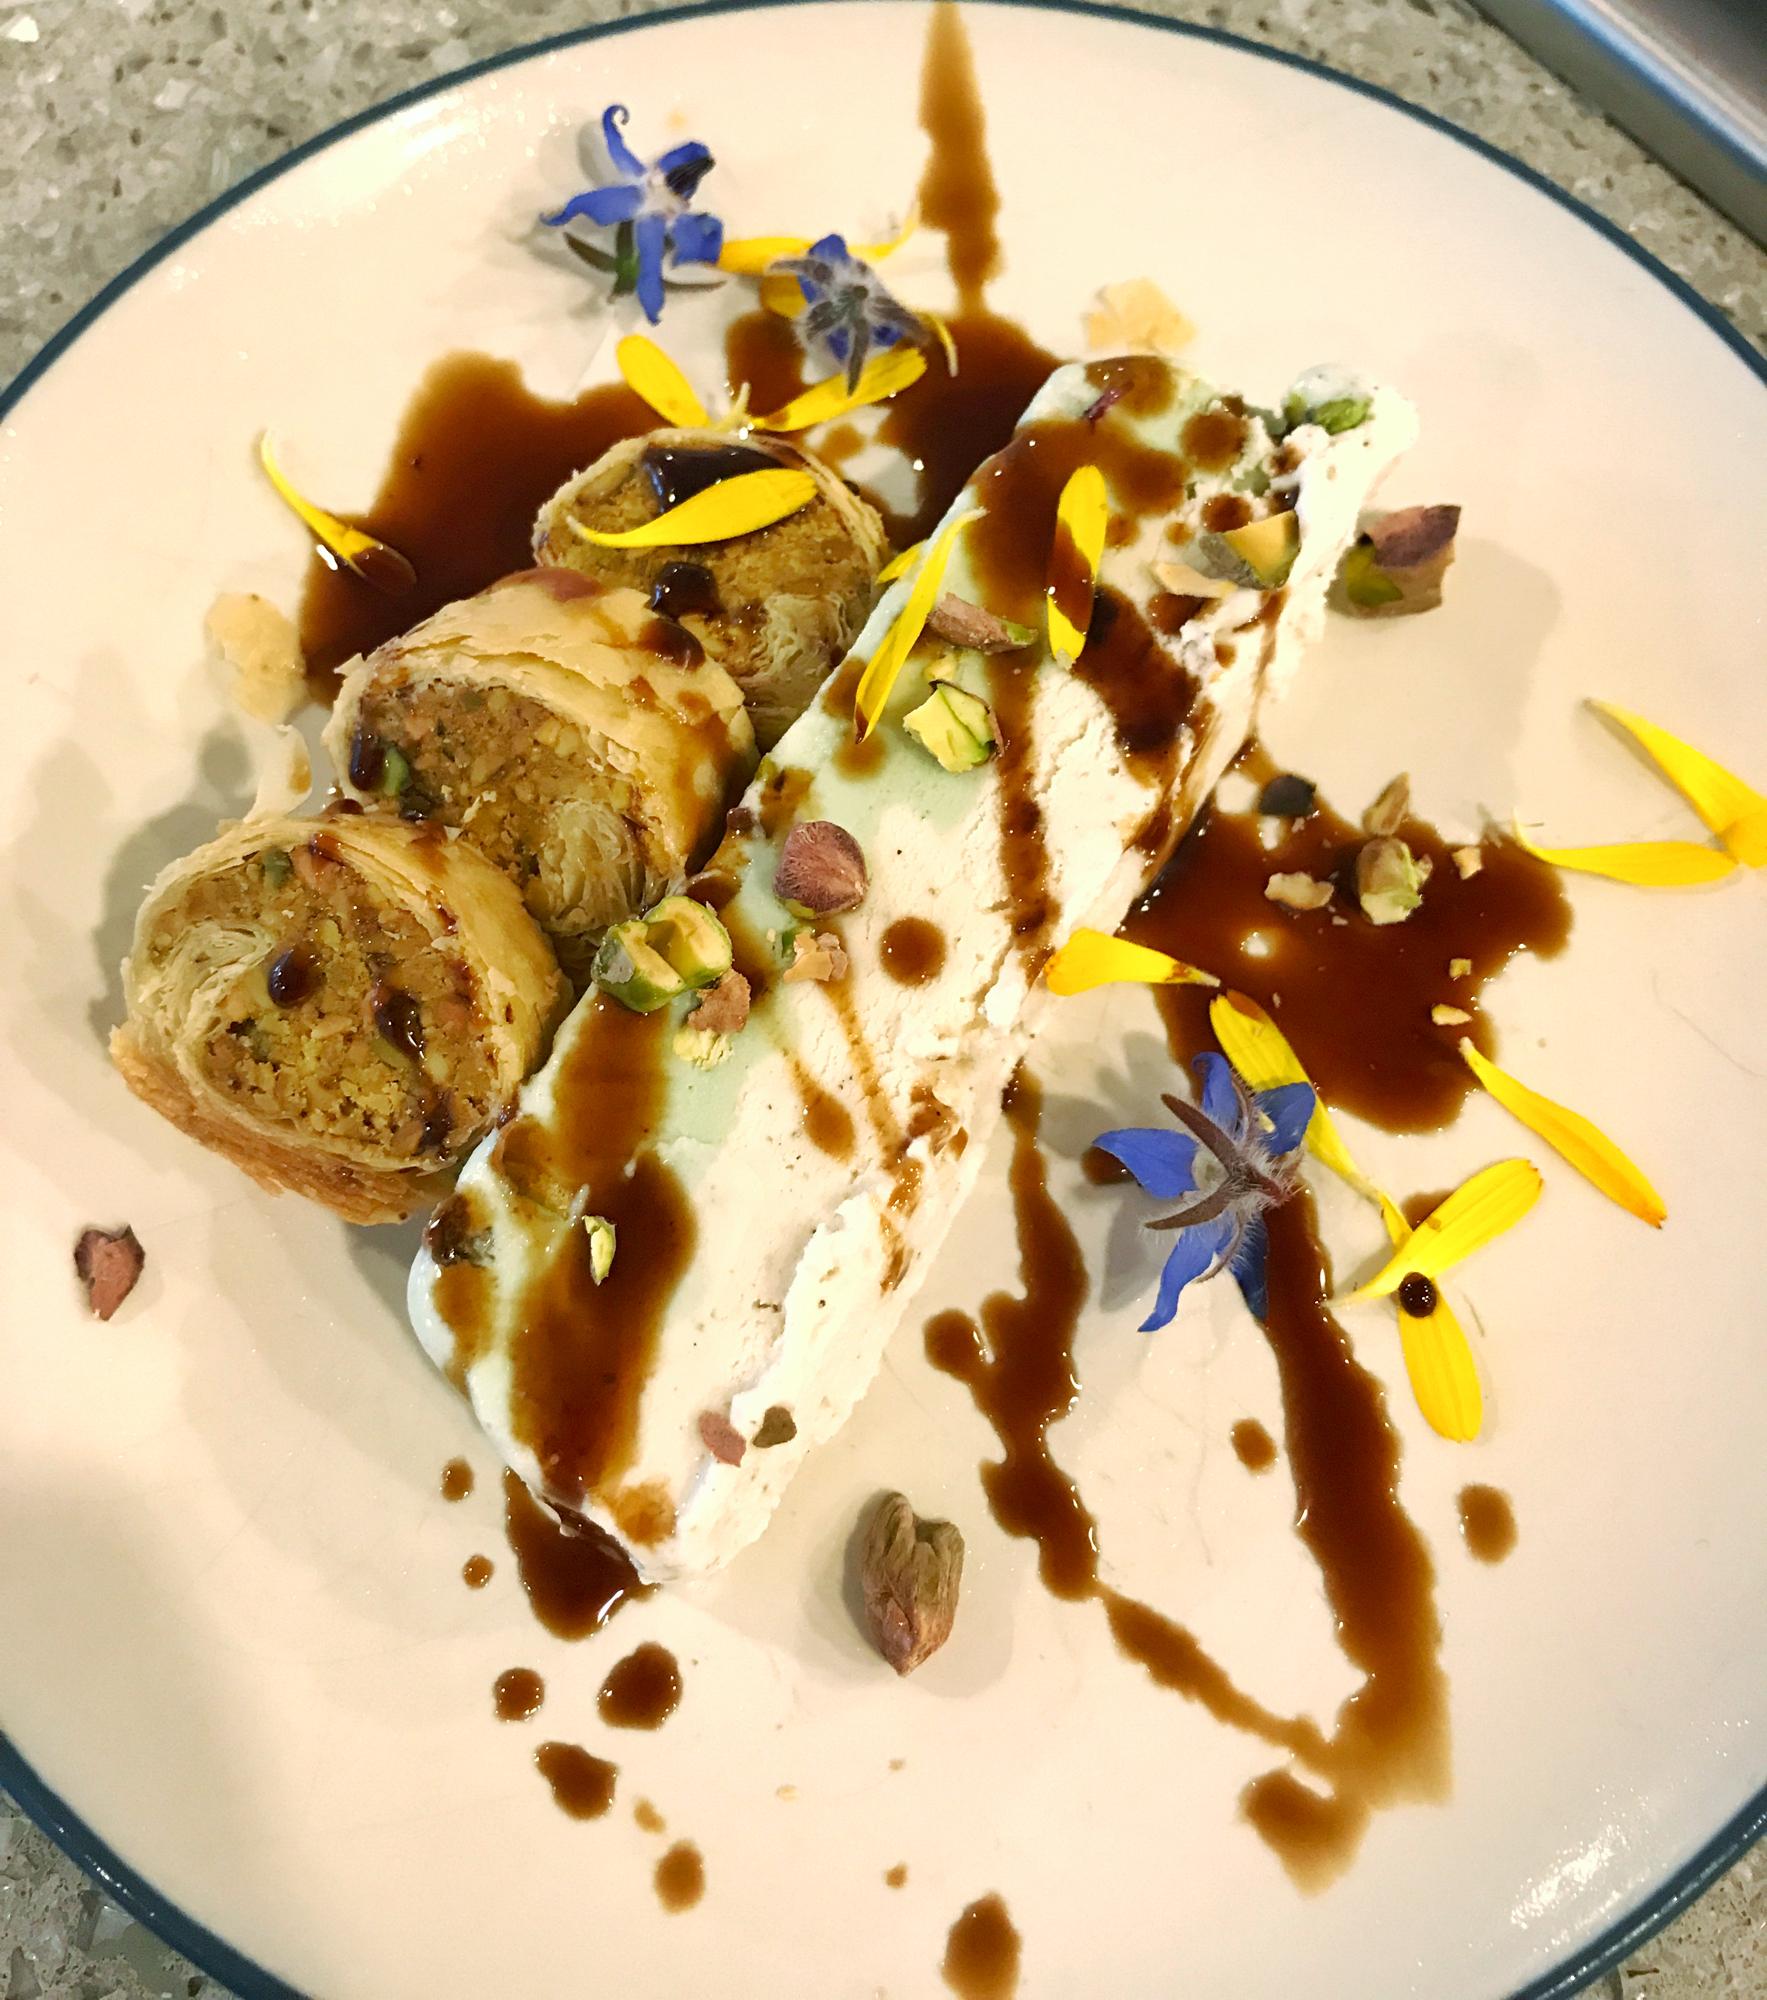 Pistachio Cardamon Gelato w/Baklava & Pomegranate Molasses Drizzle & Fresh Flowers